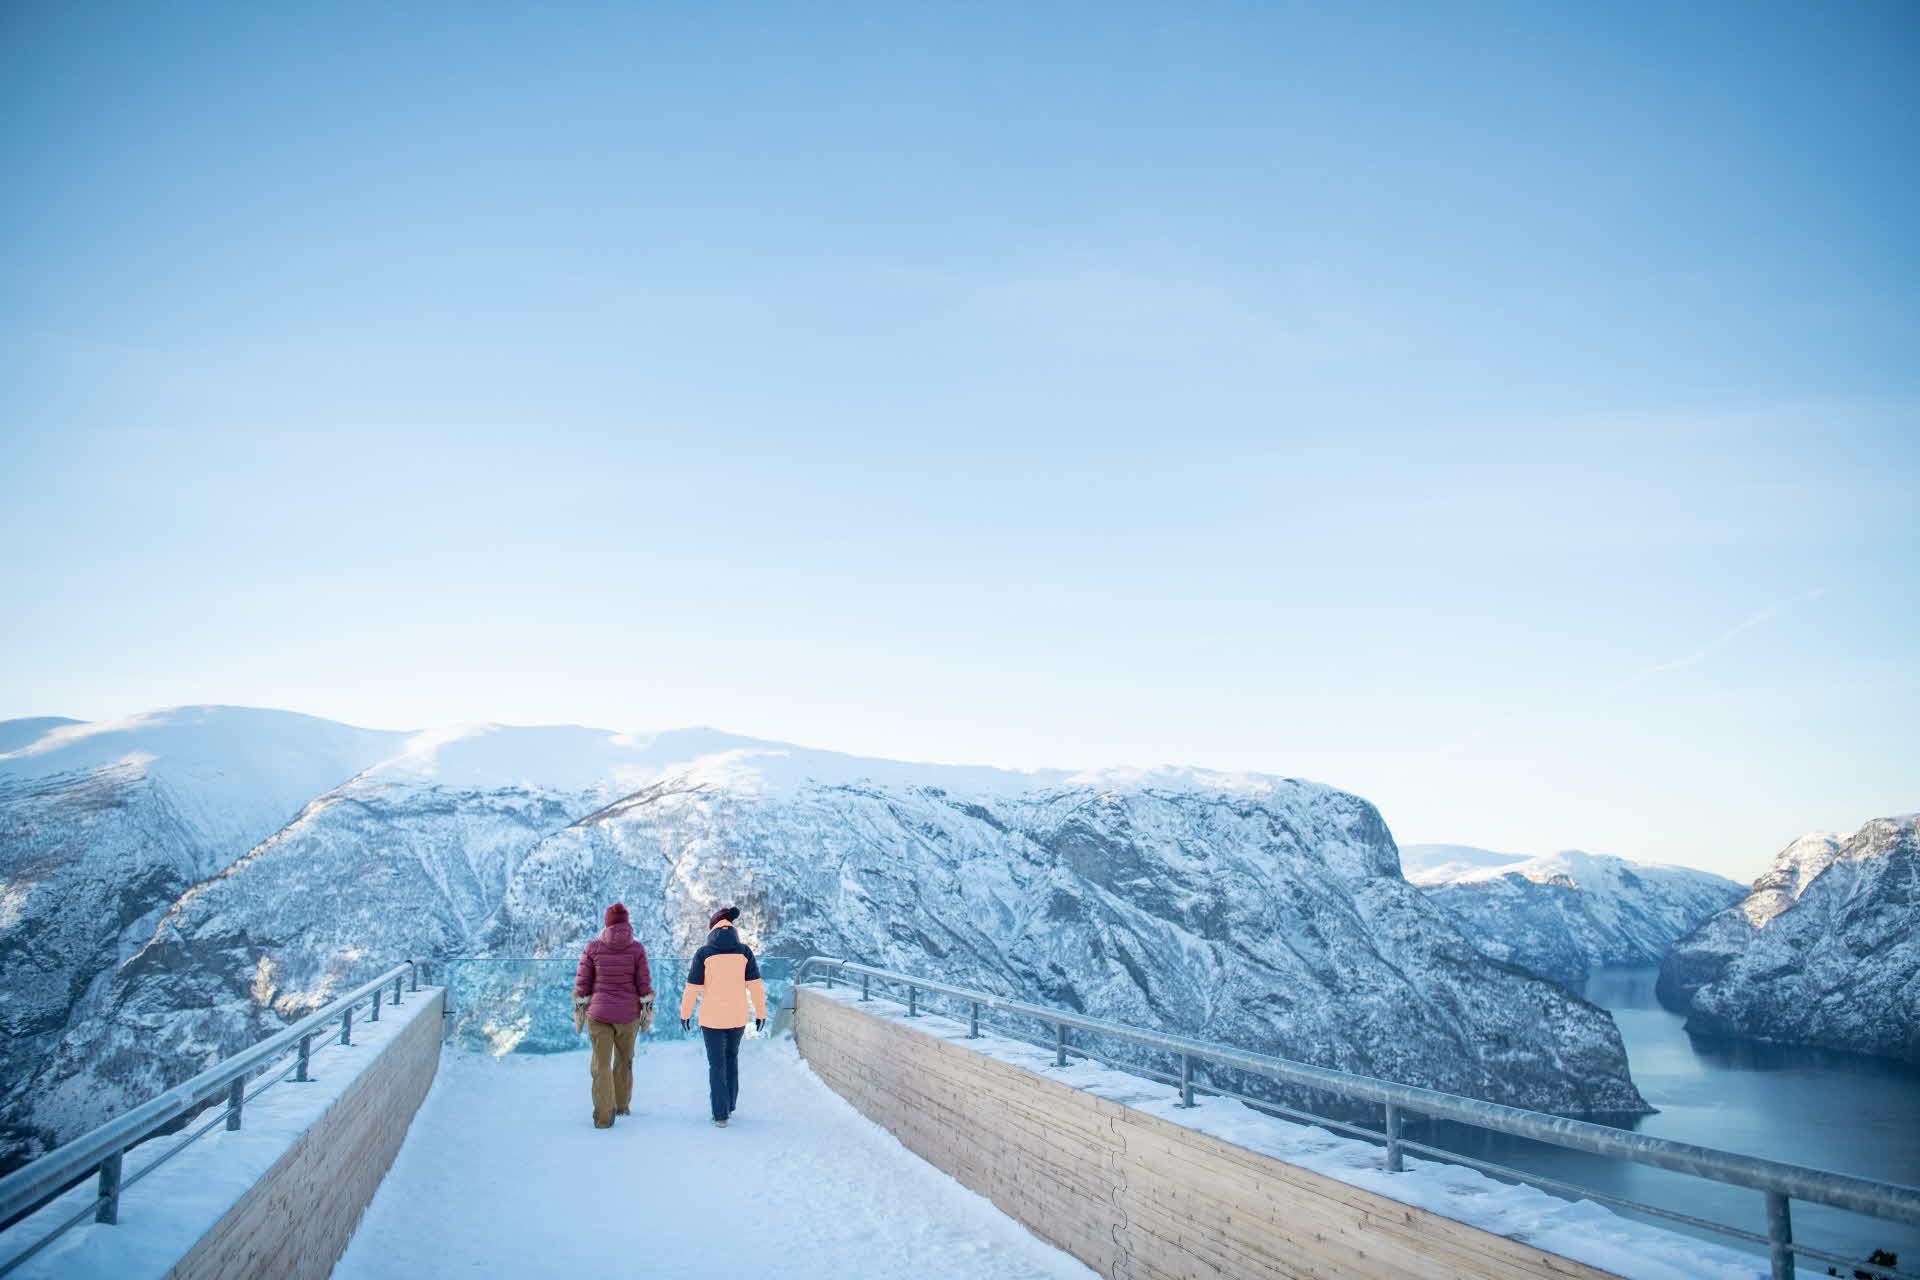 Vinter på Stegastein der to personer går utover utsiktspunktet